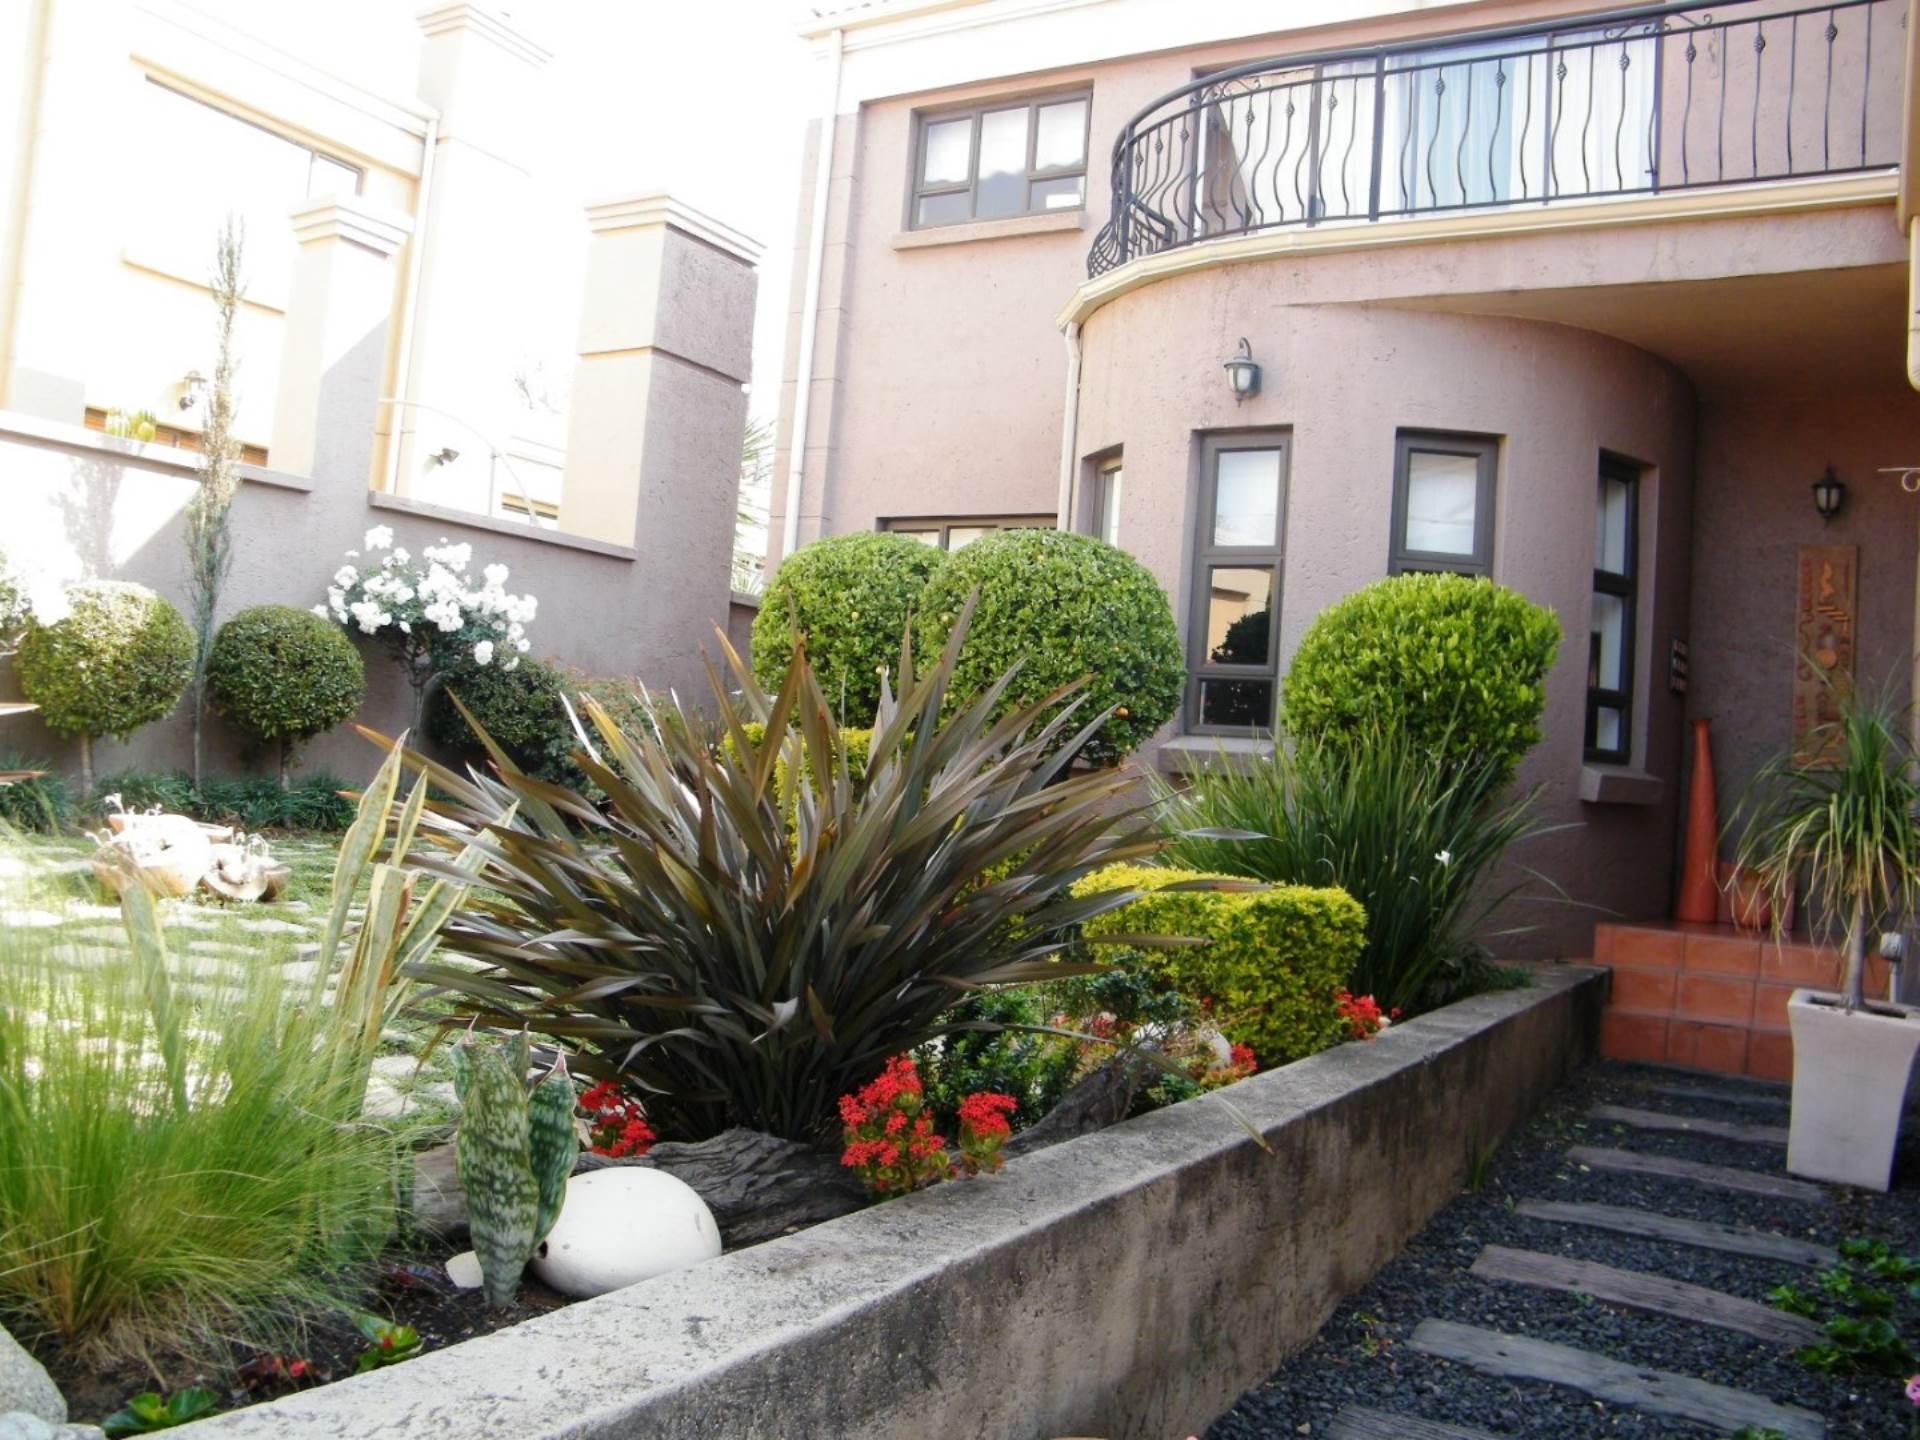 3 BedroomTownhouse For Sale In Bankenveld